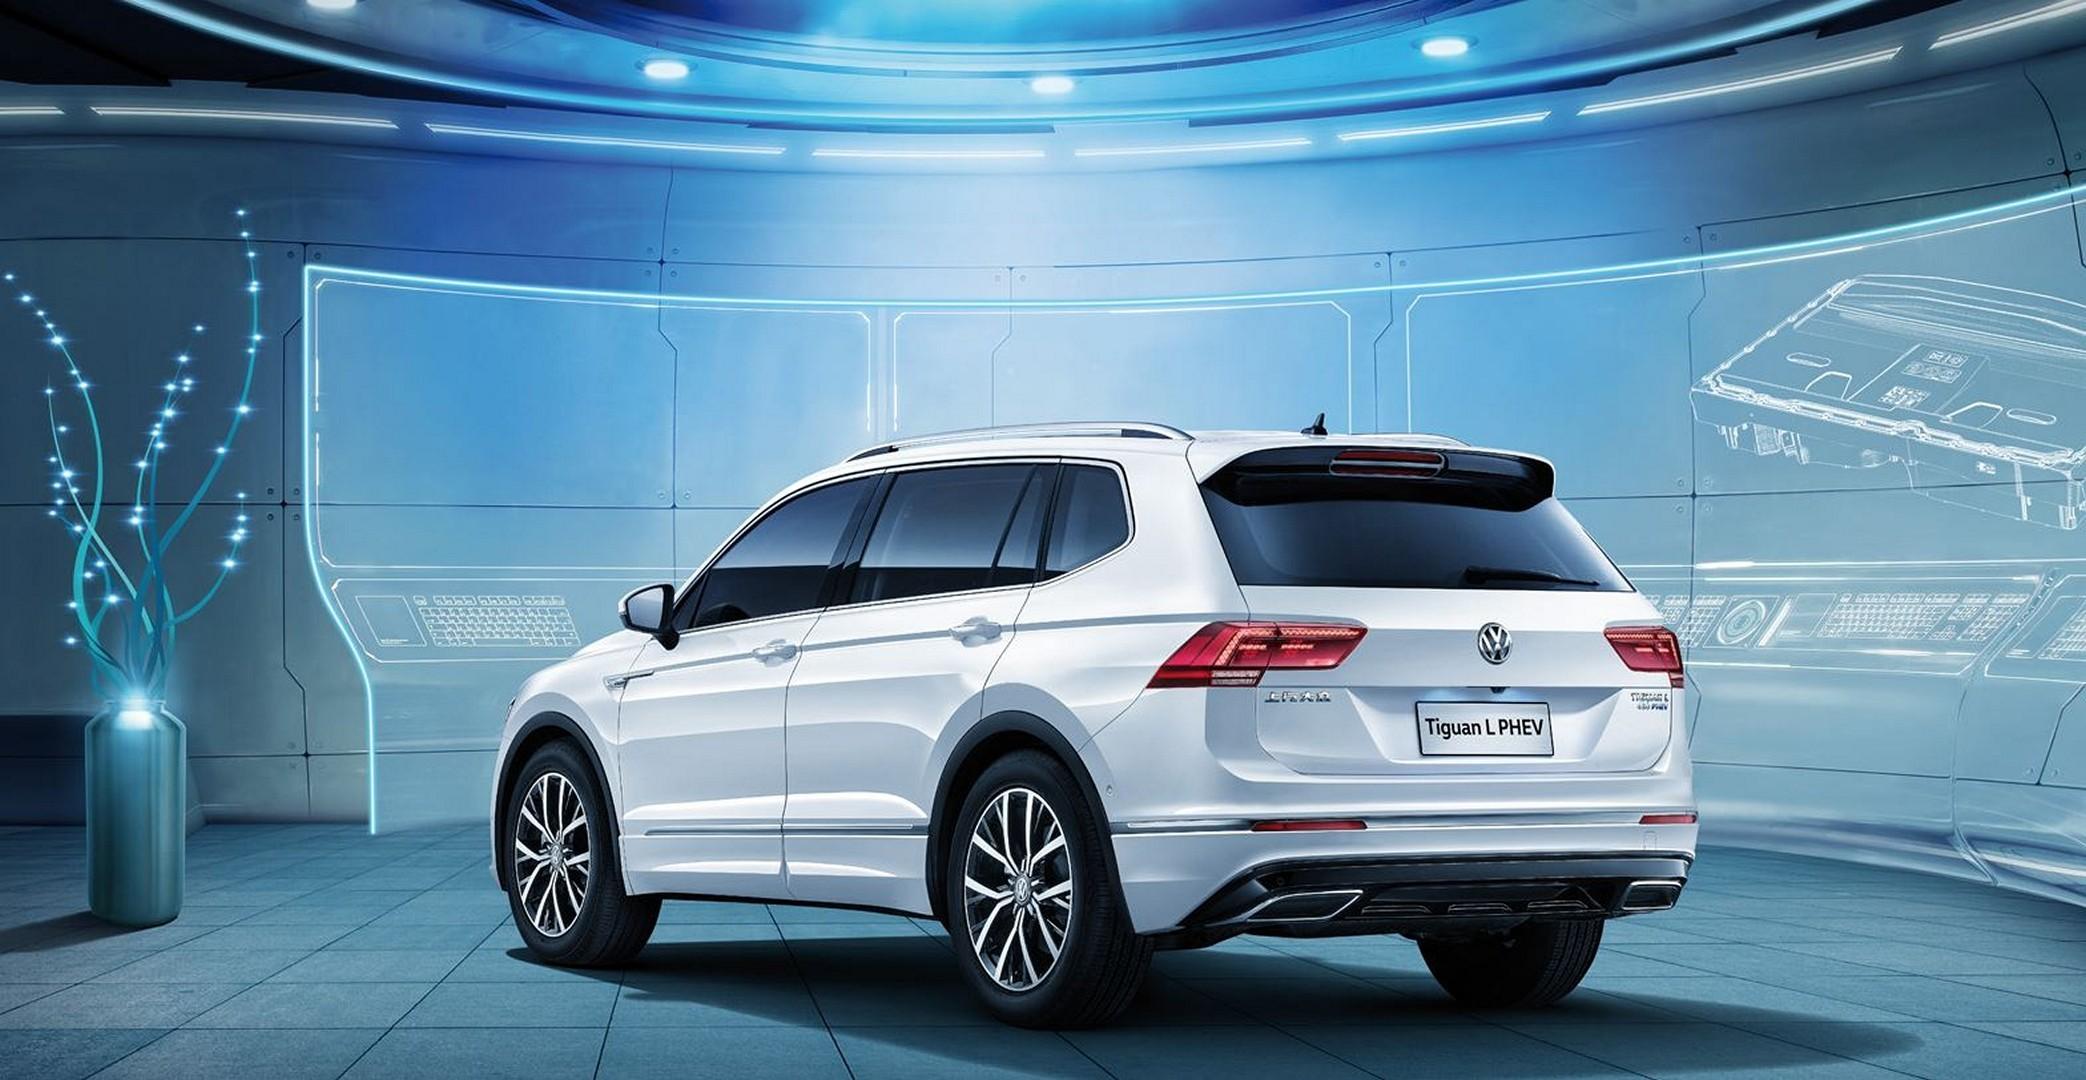 Volkswagen_Tiguan_PHEV_0001